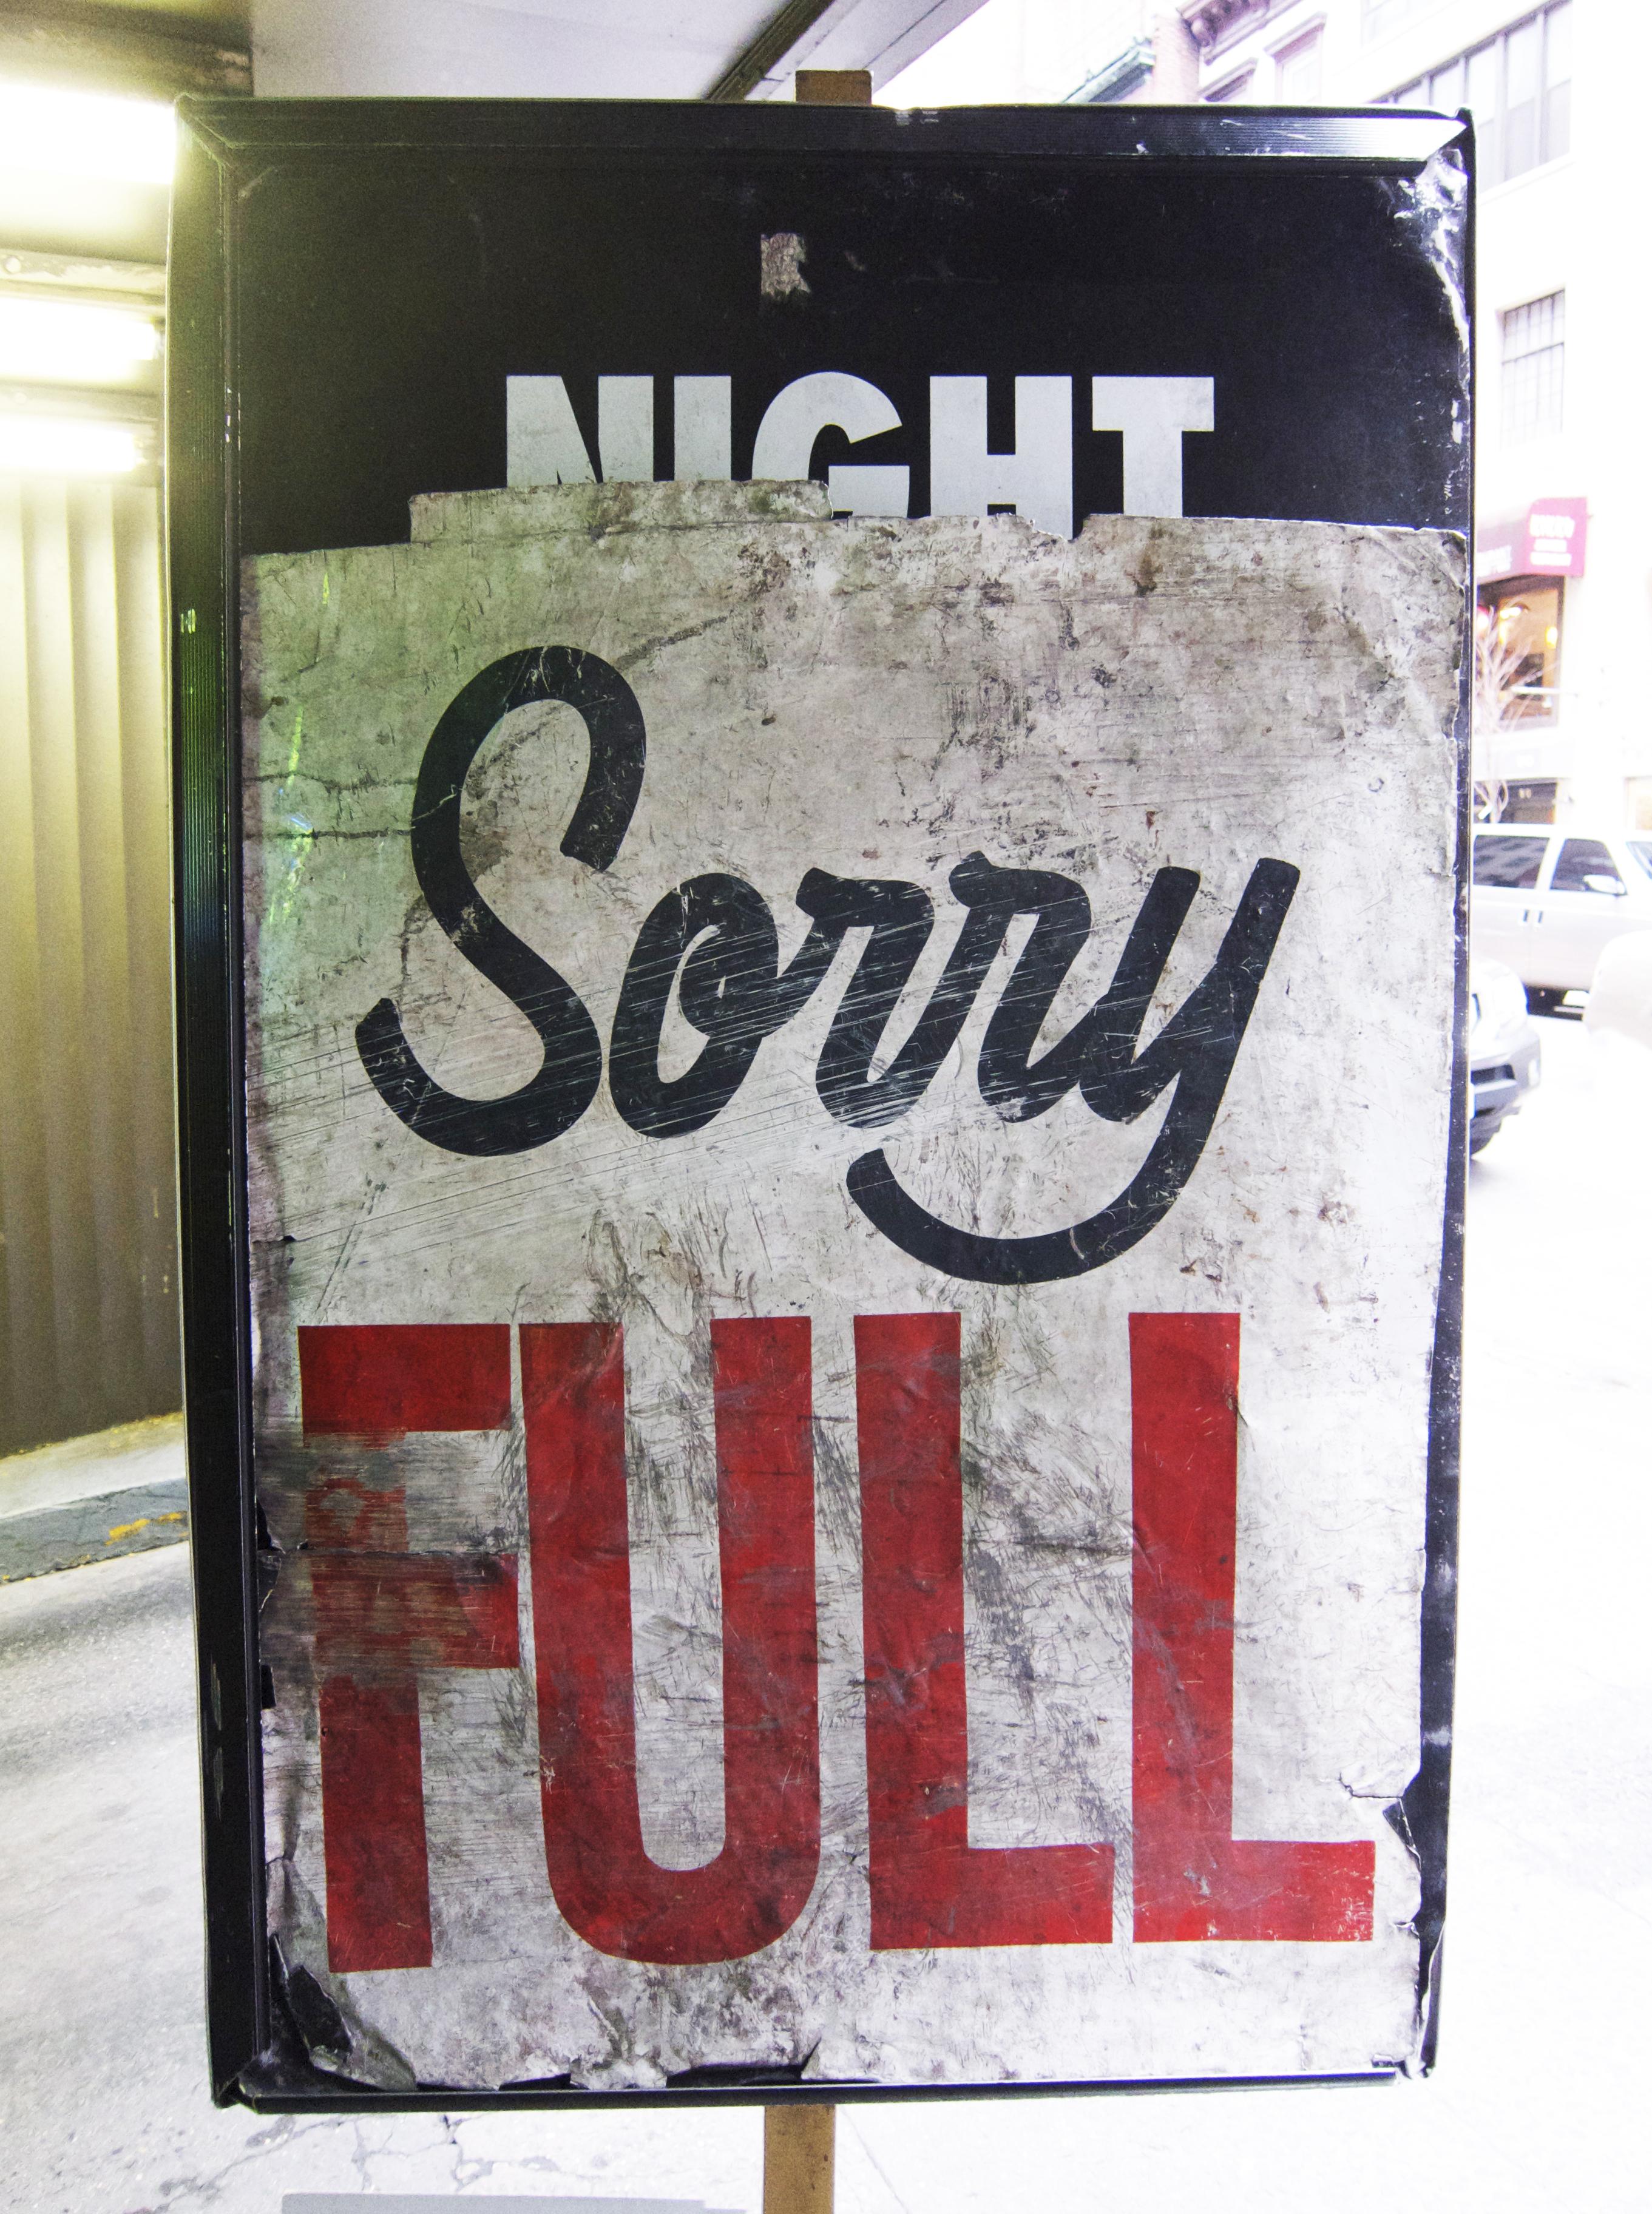 SorryFull